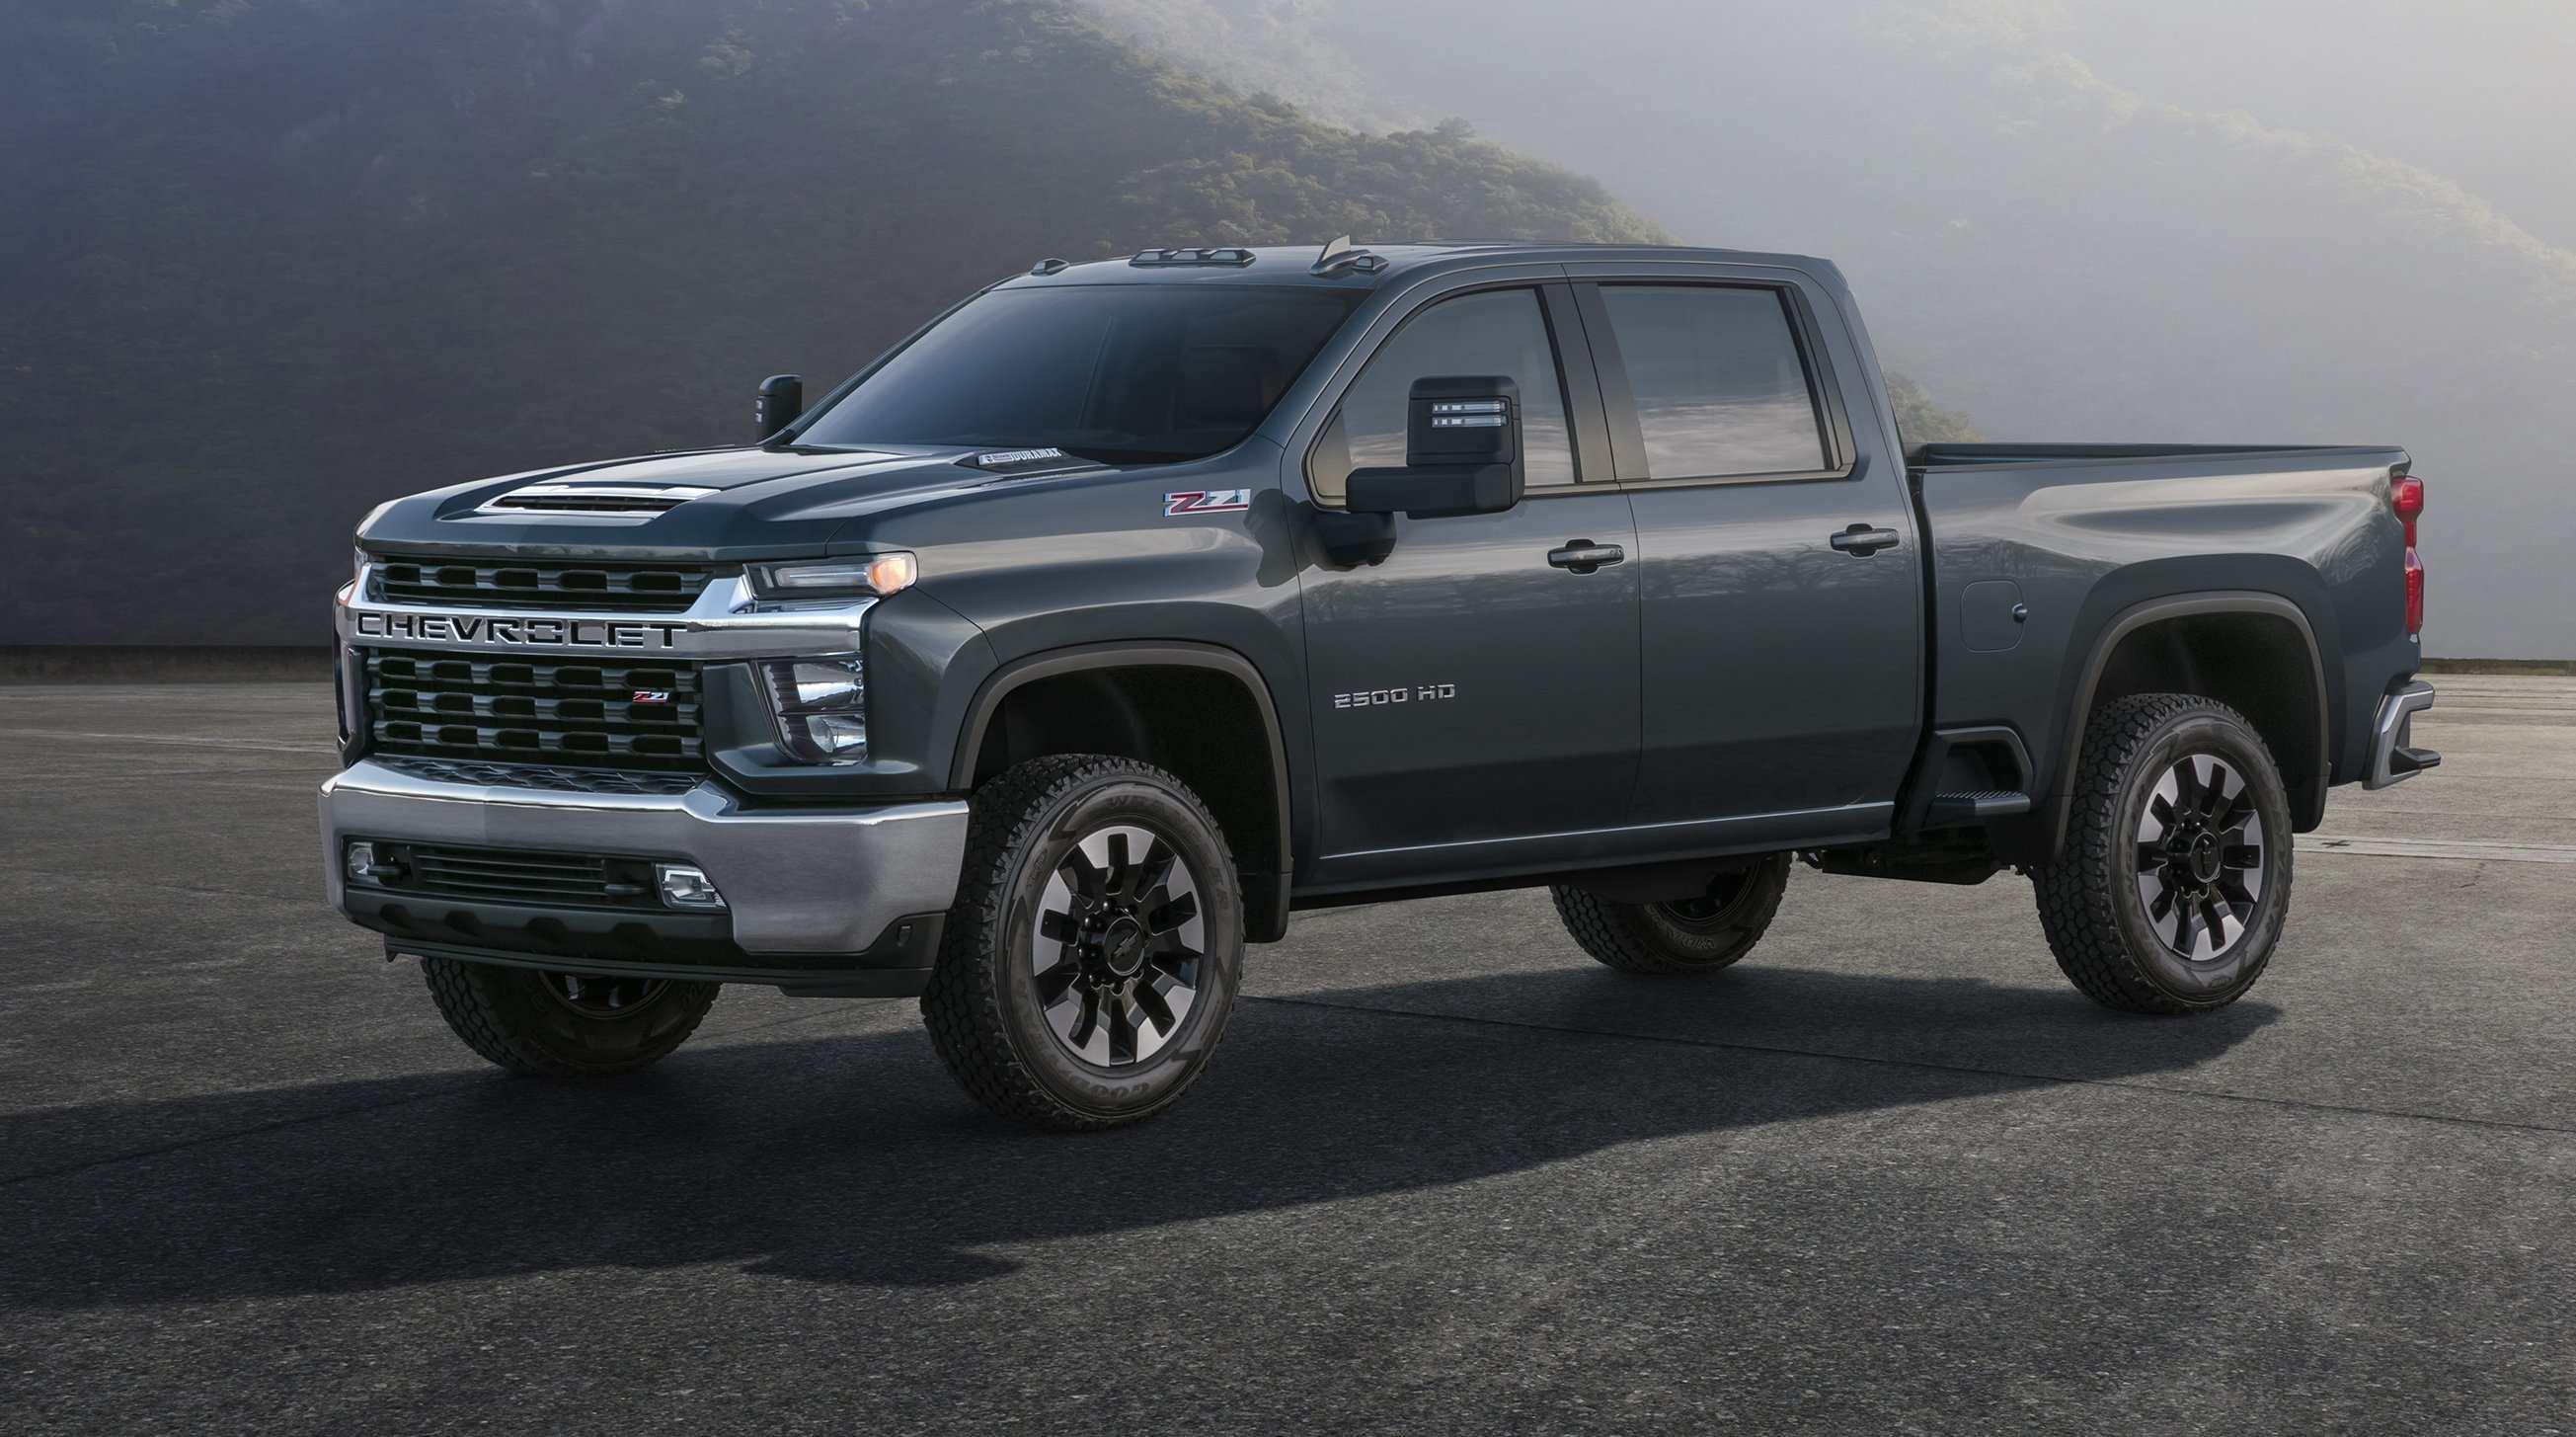 12 Concept of 2020 Silverado 1500 Diesel Release for 2020 Silverado 1500 Diesel